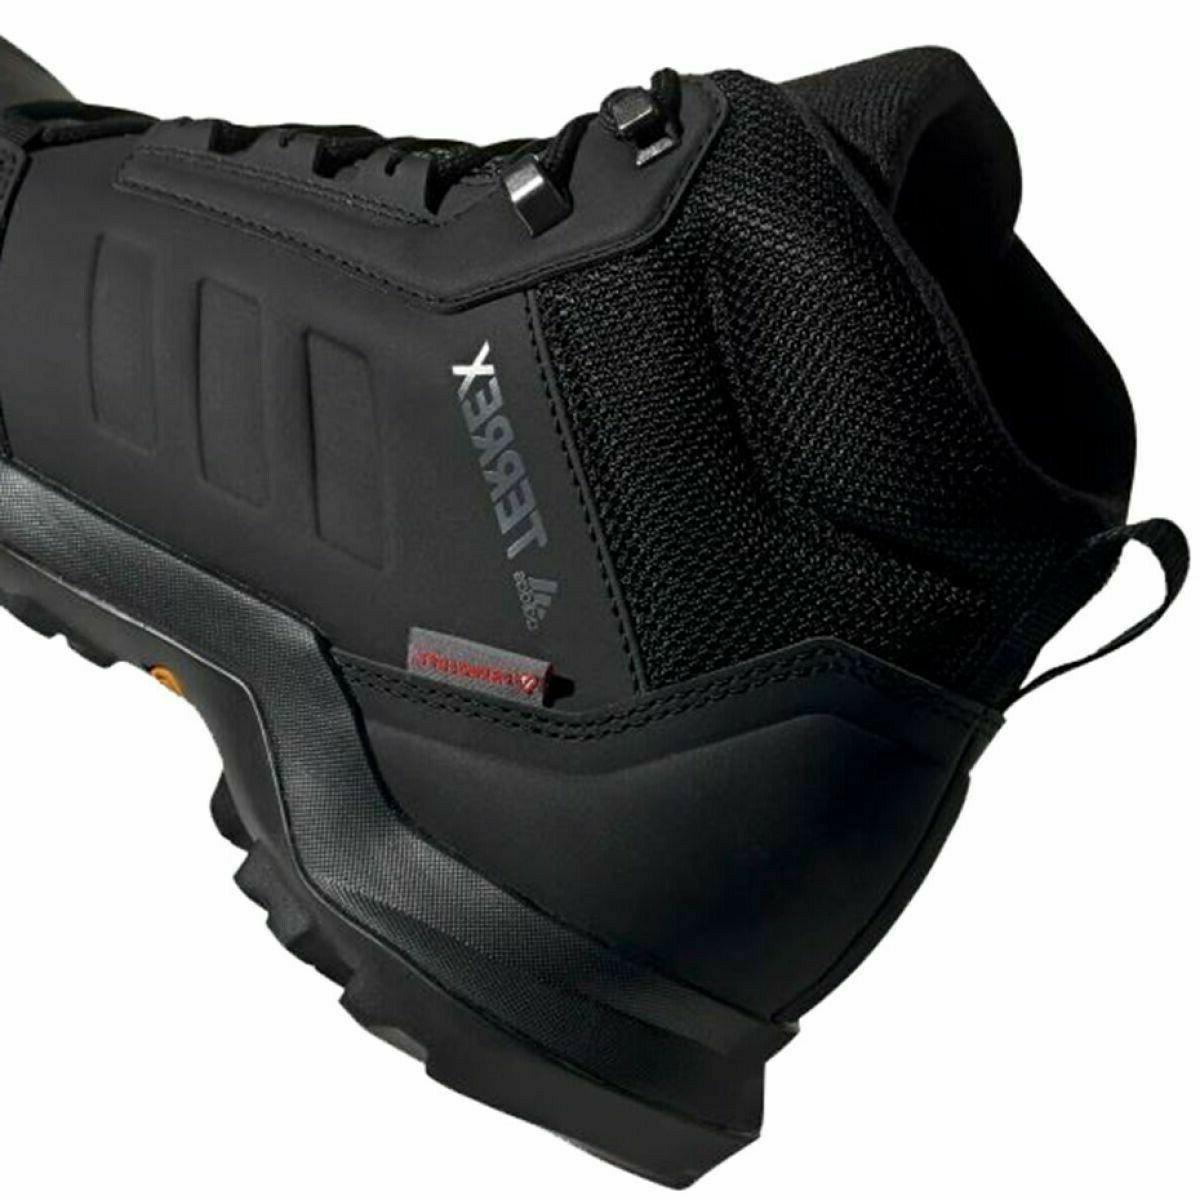 Adidas Terrex Beta Boots NIB